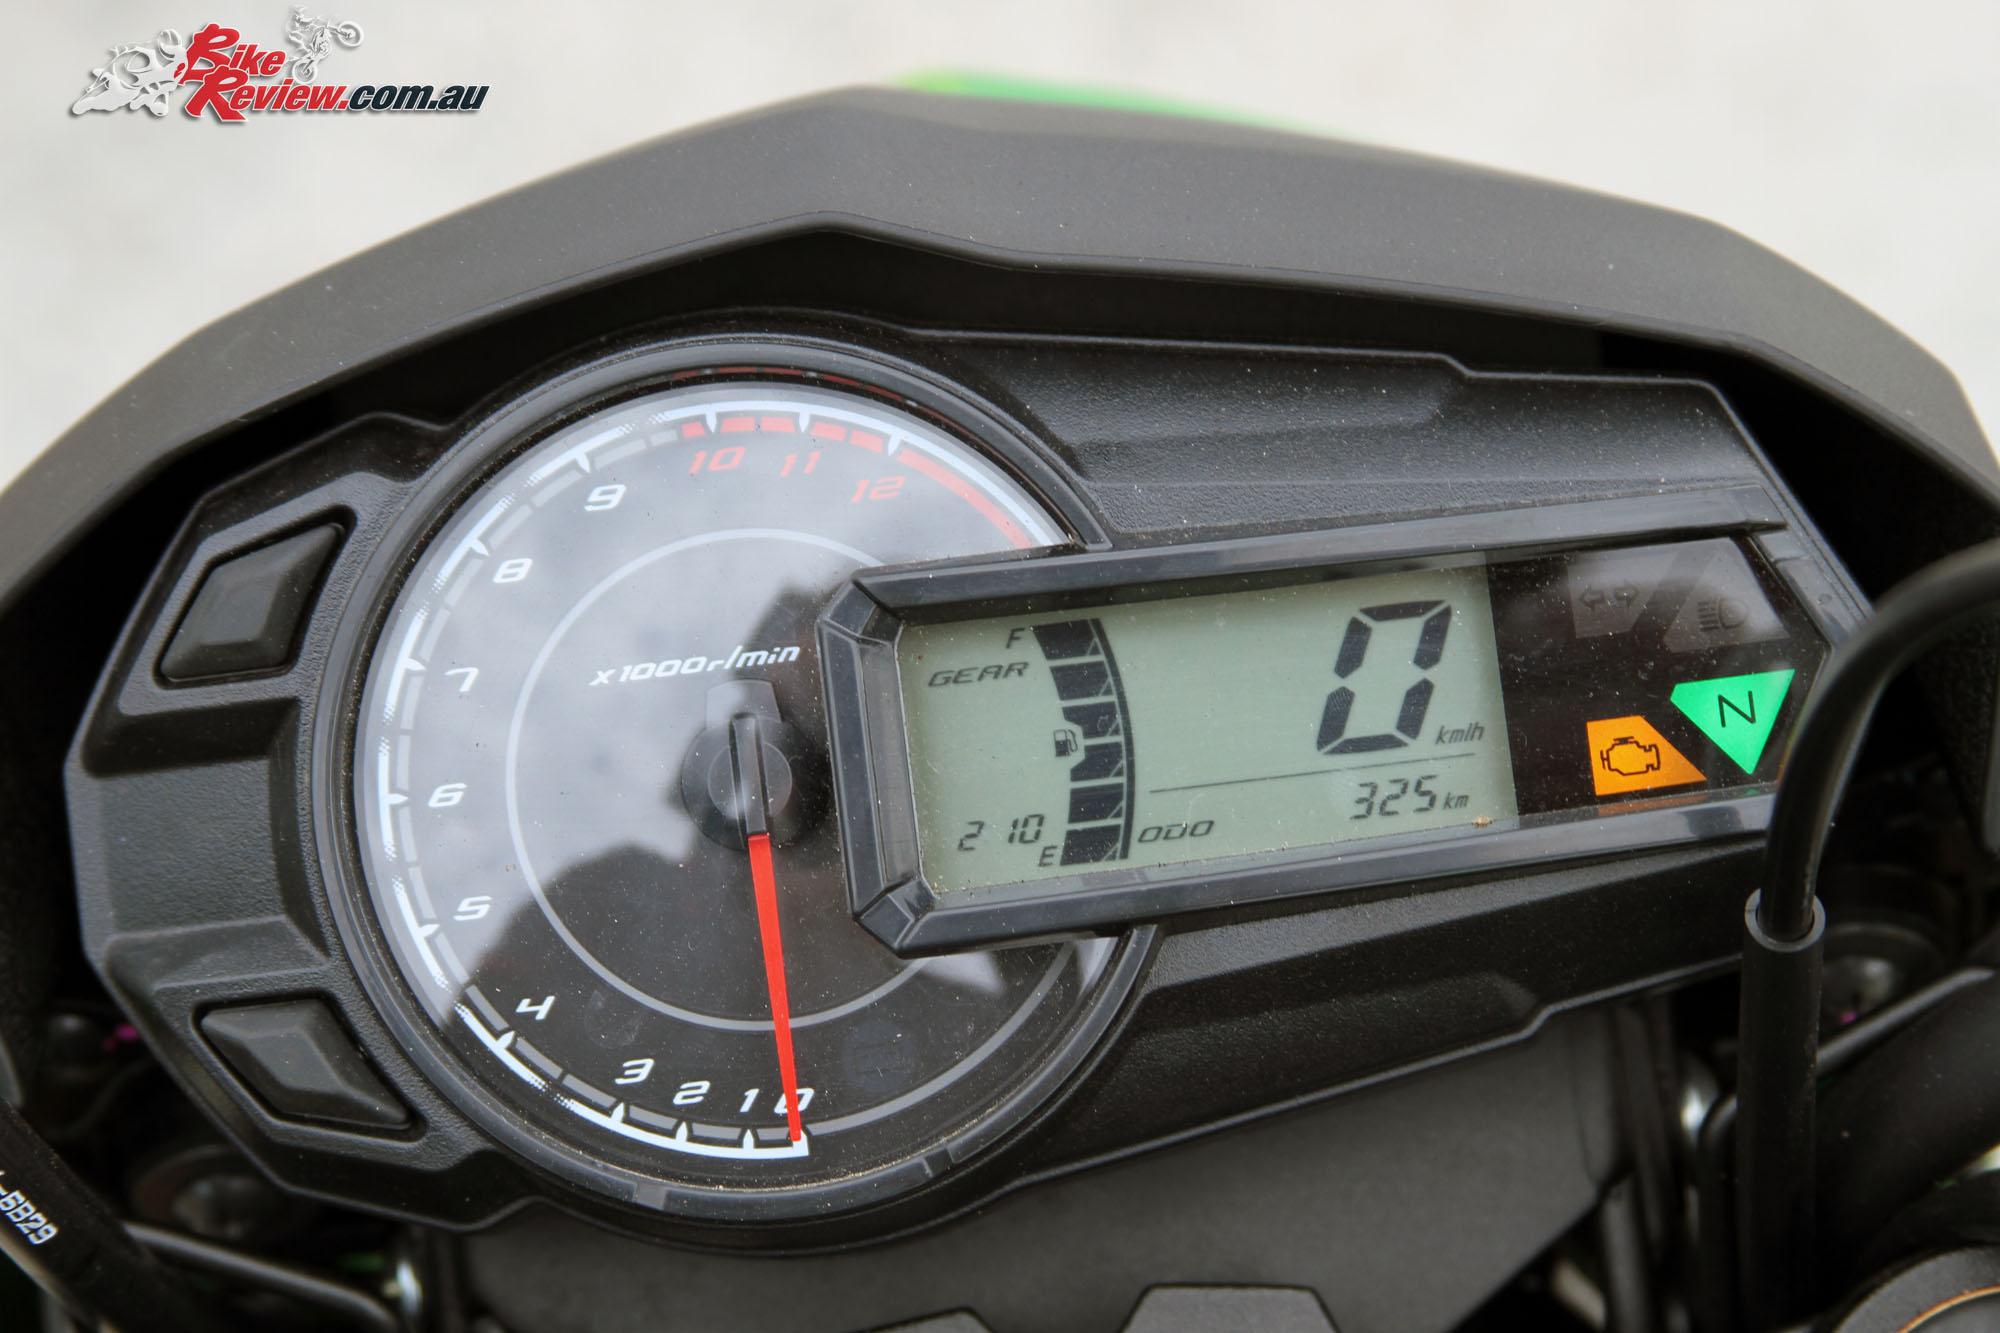 Review: 2017 Kawasaki Z125 PRO - Bike Review